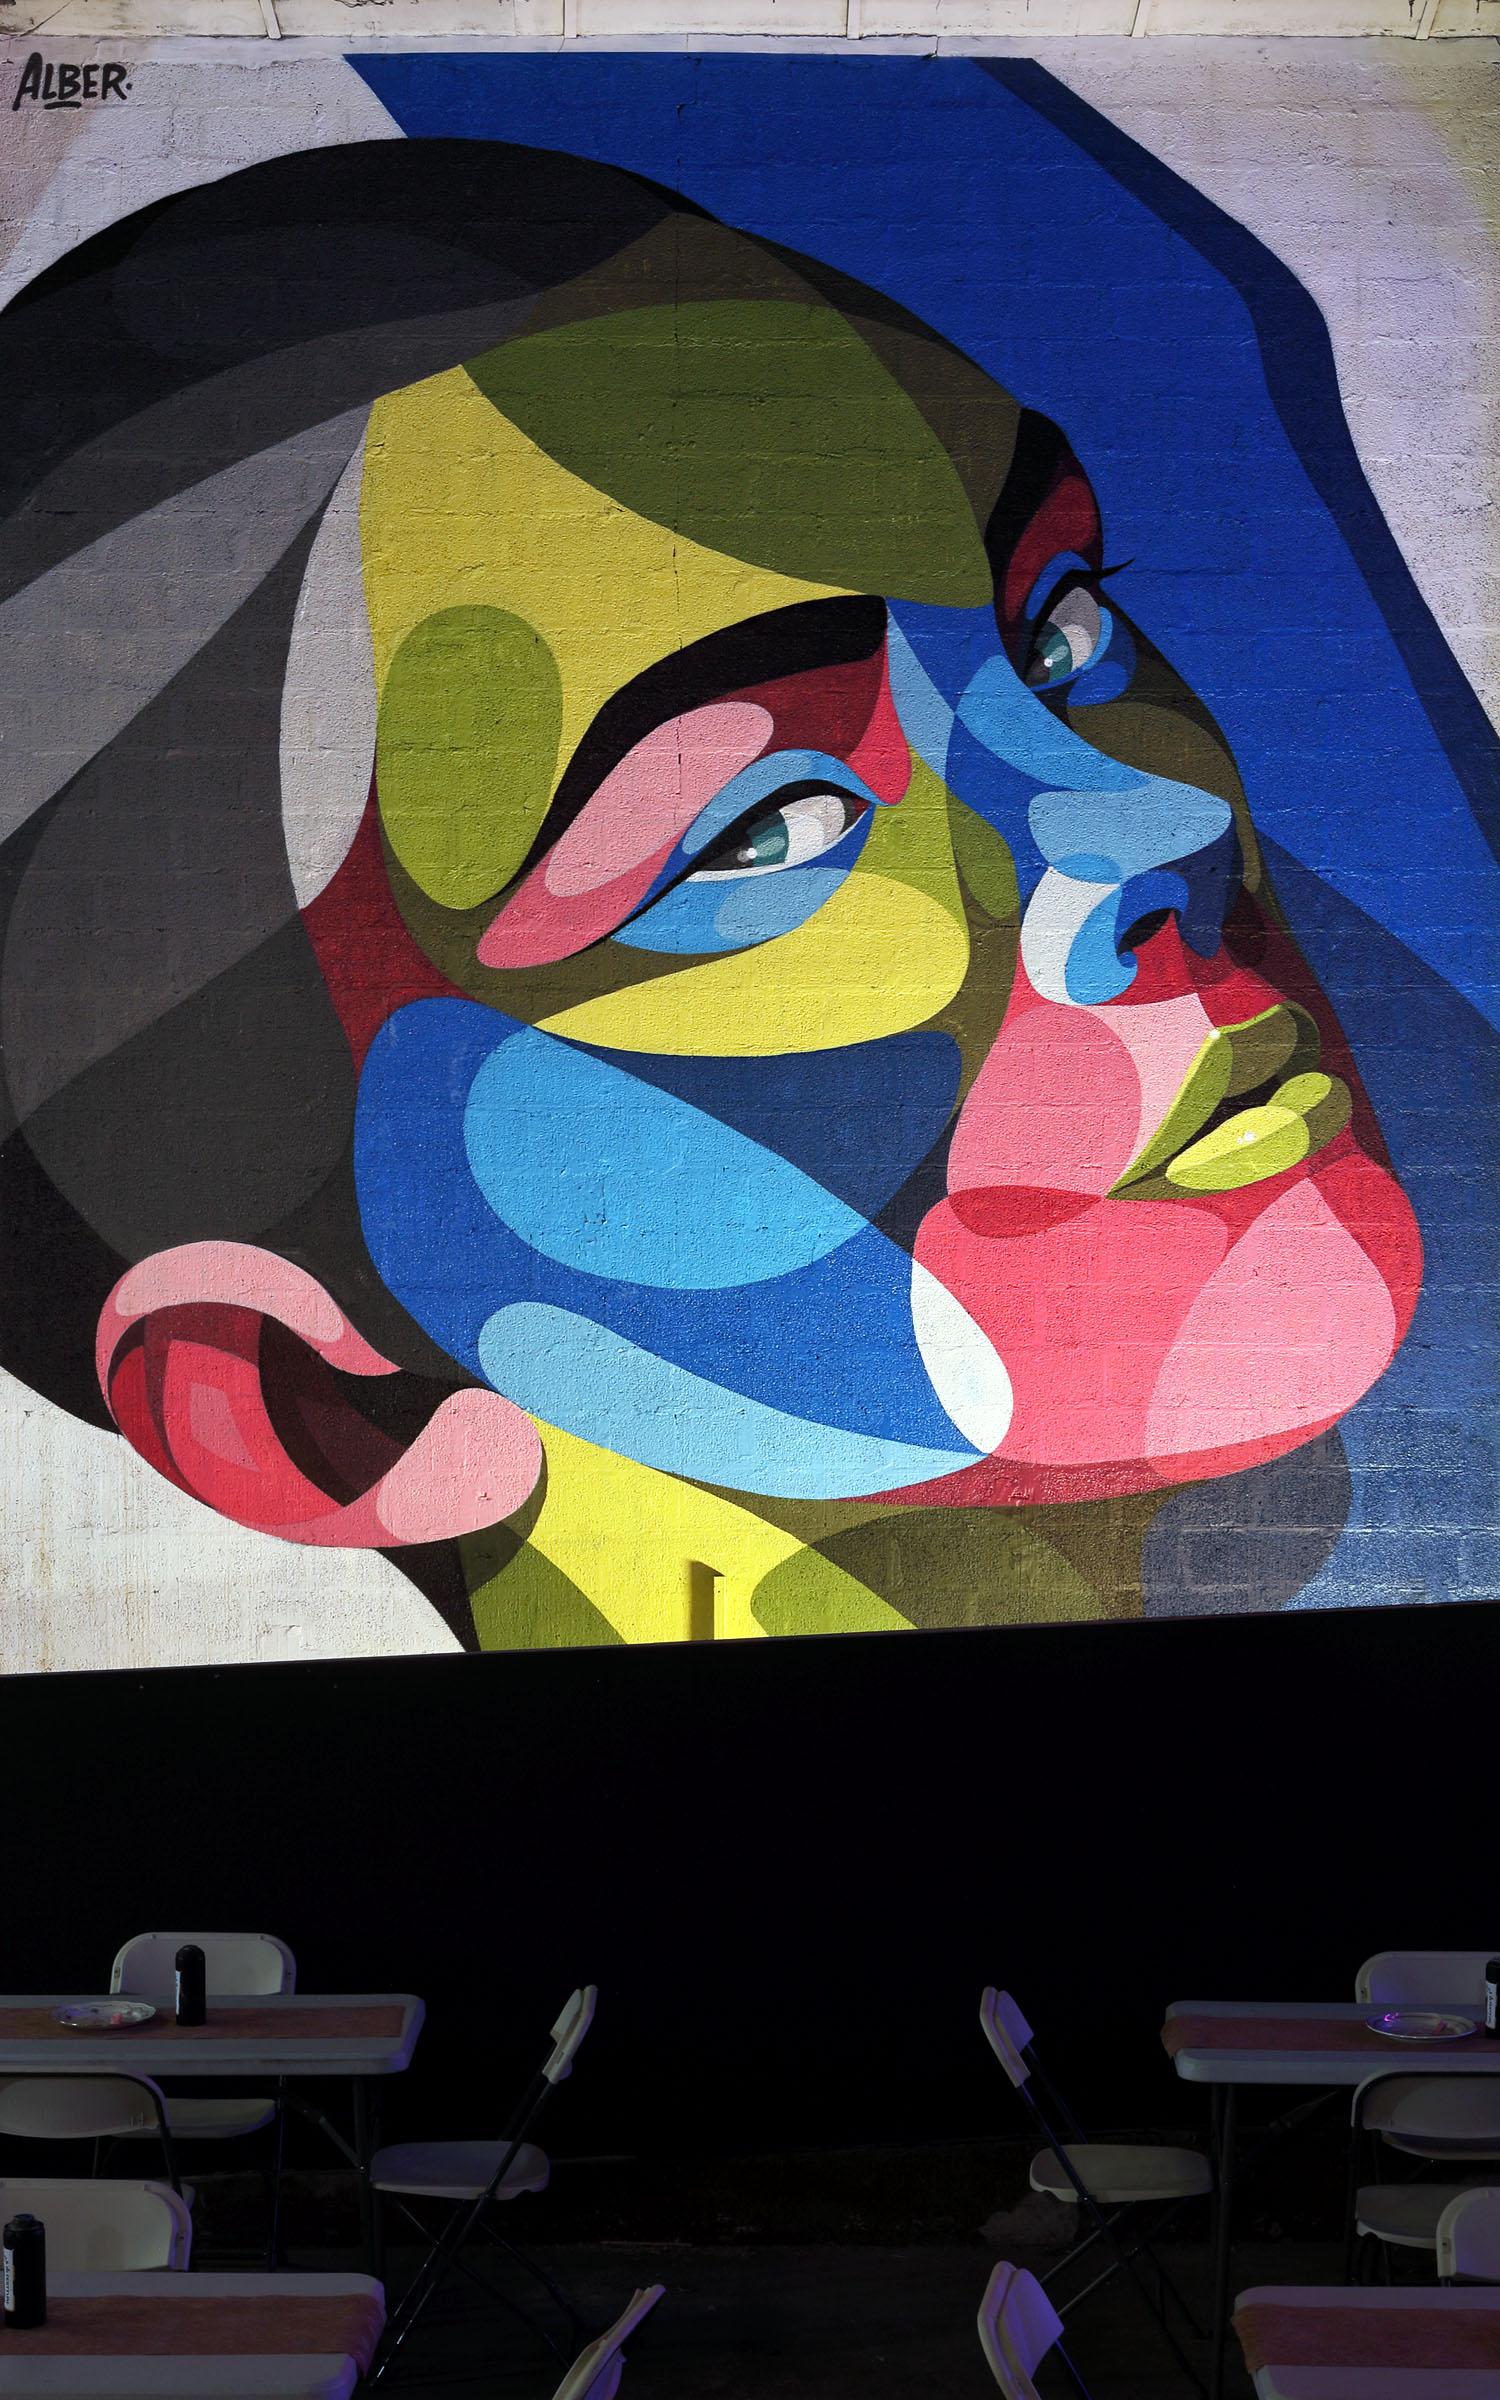 LHH-Peinture-Fraiche-Festival-2020-Alber